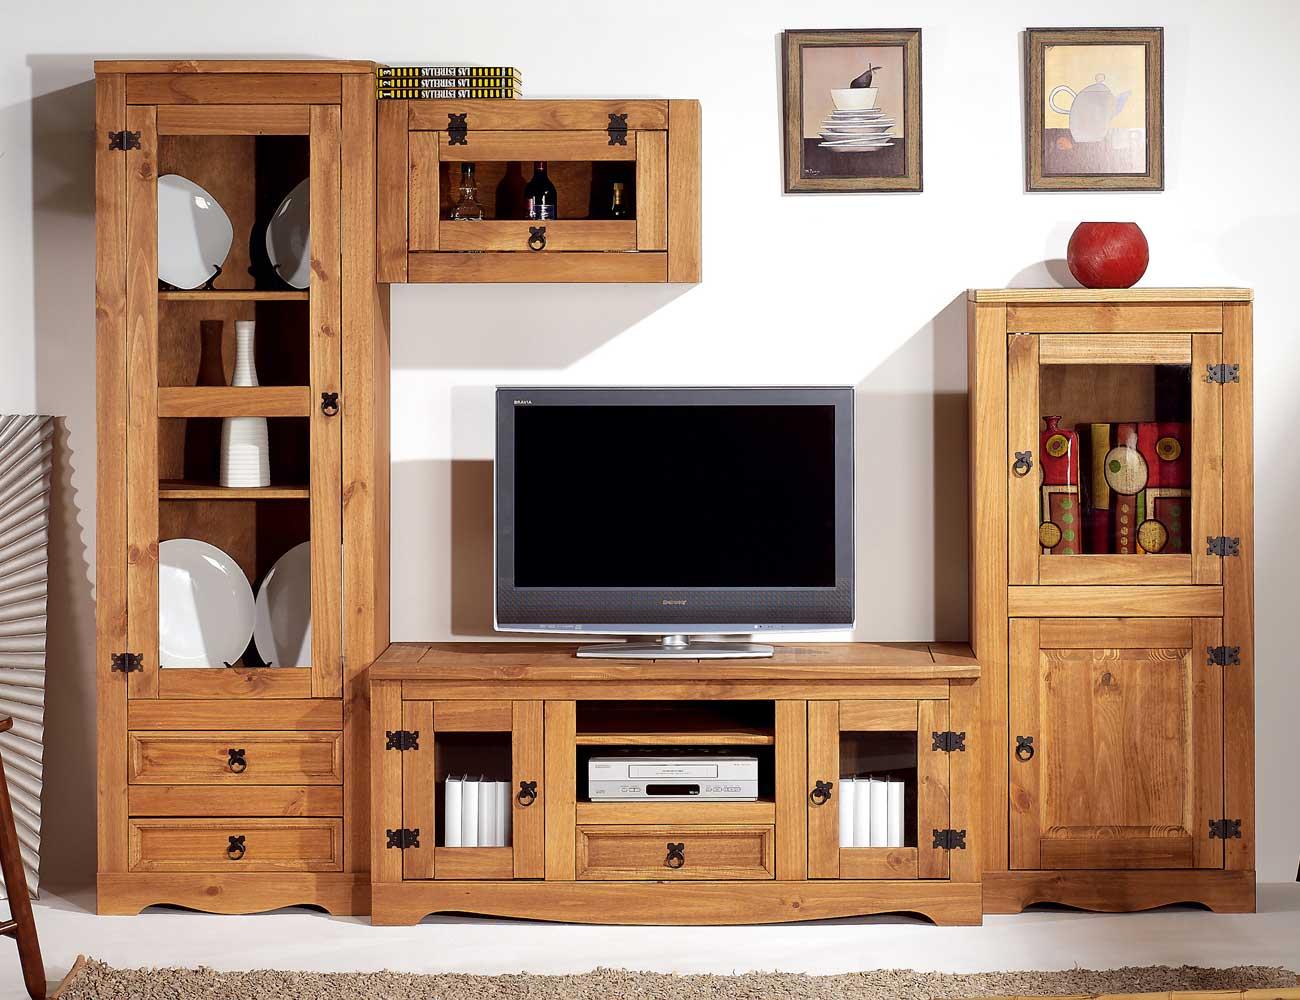 Mueble de sal n comedor de madera rustico 250 cm factory for Muebles comedor madera